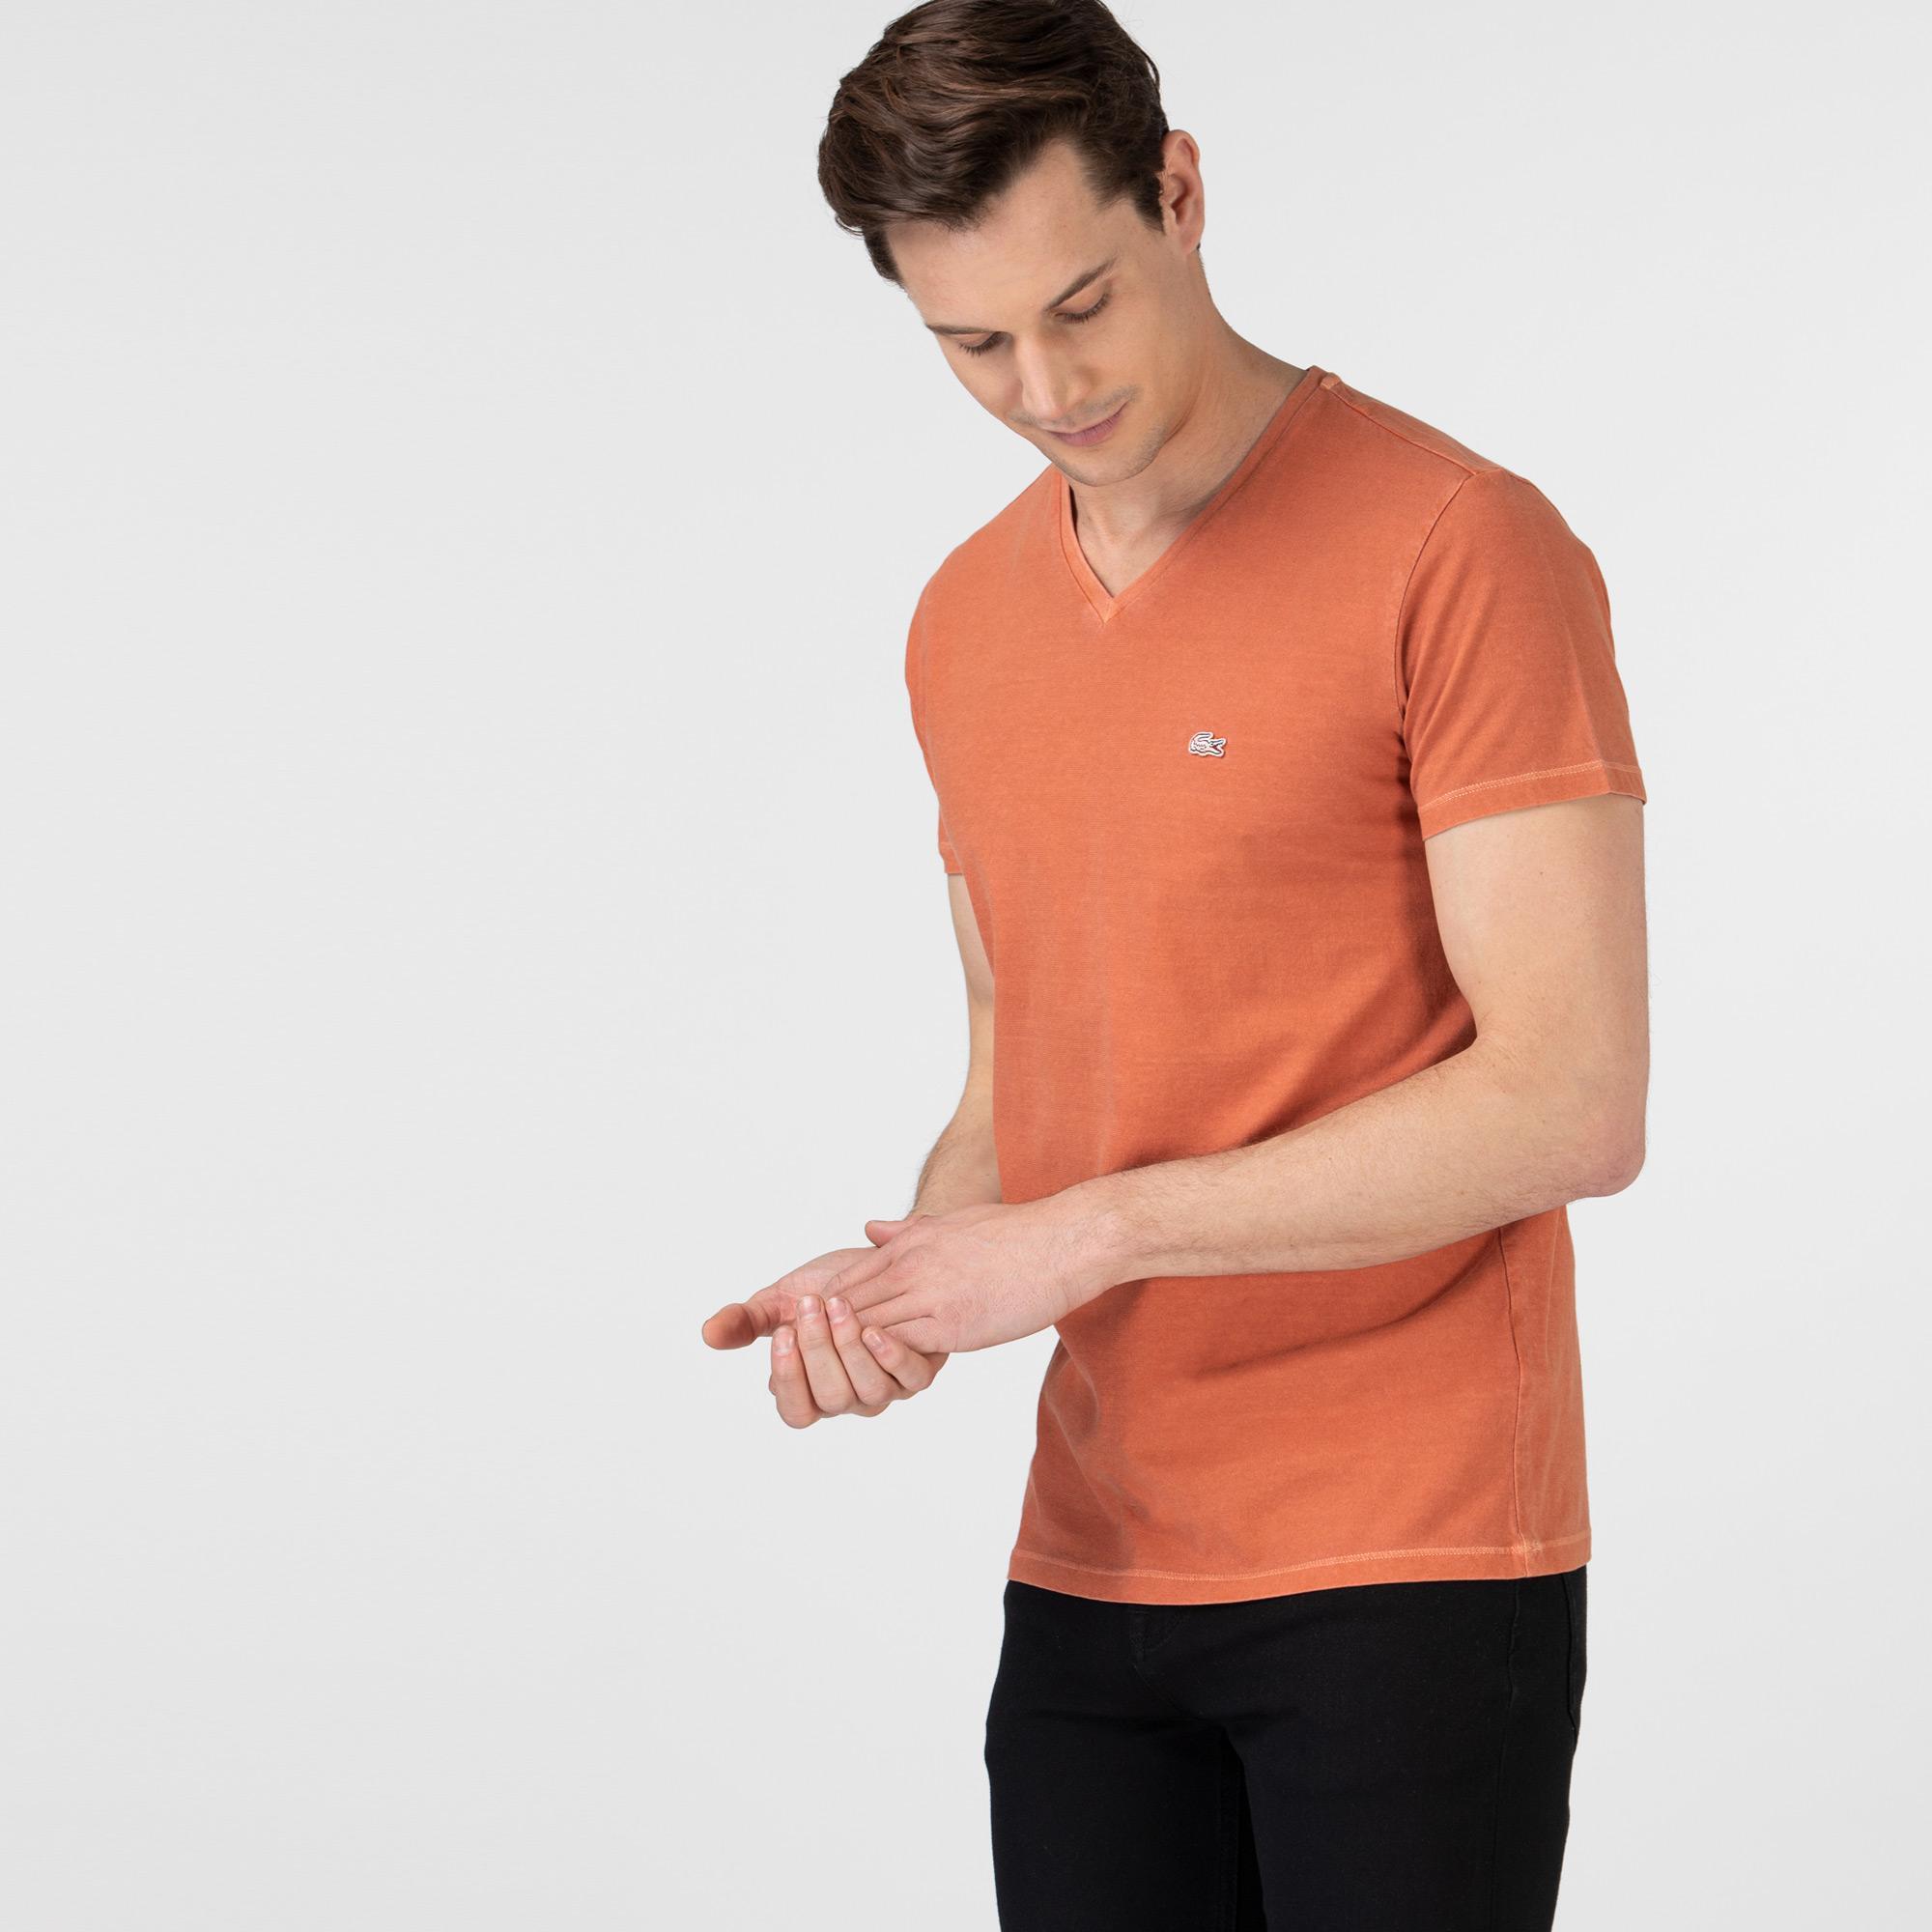 Lacoste Erkek Slim Fit V Yaka Turuncu T-Shirt